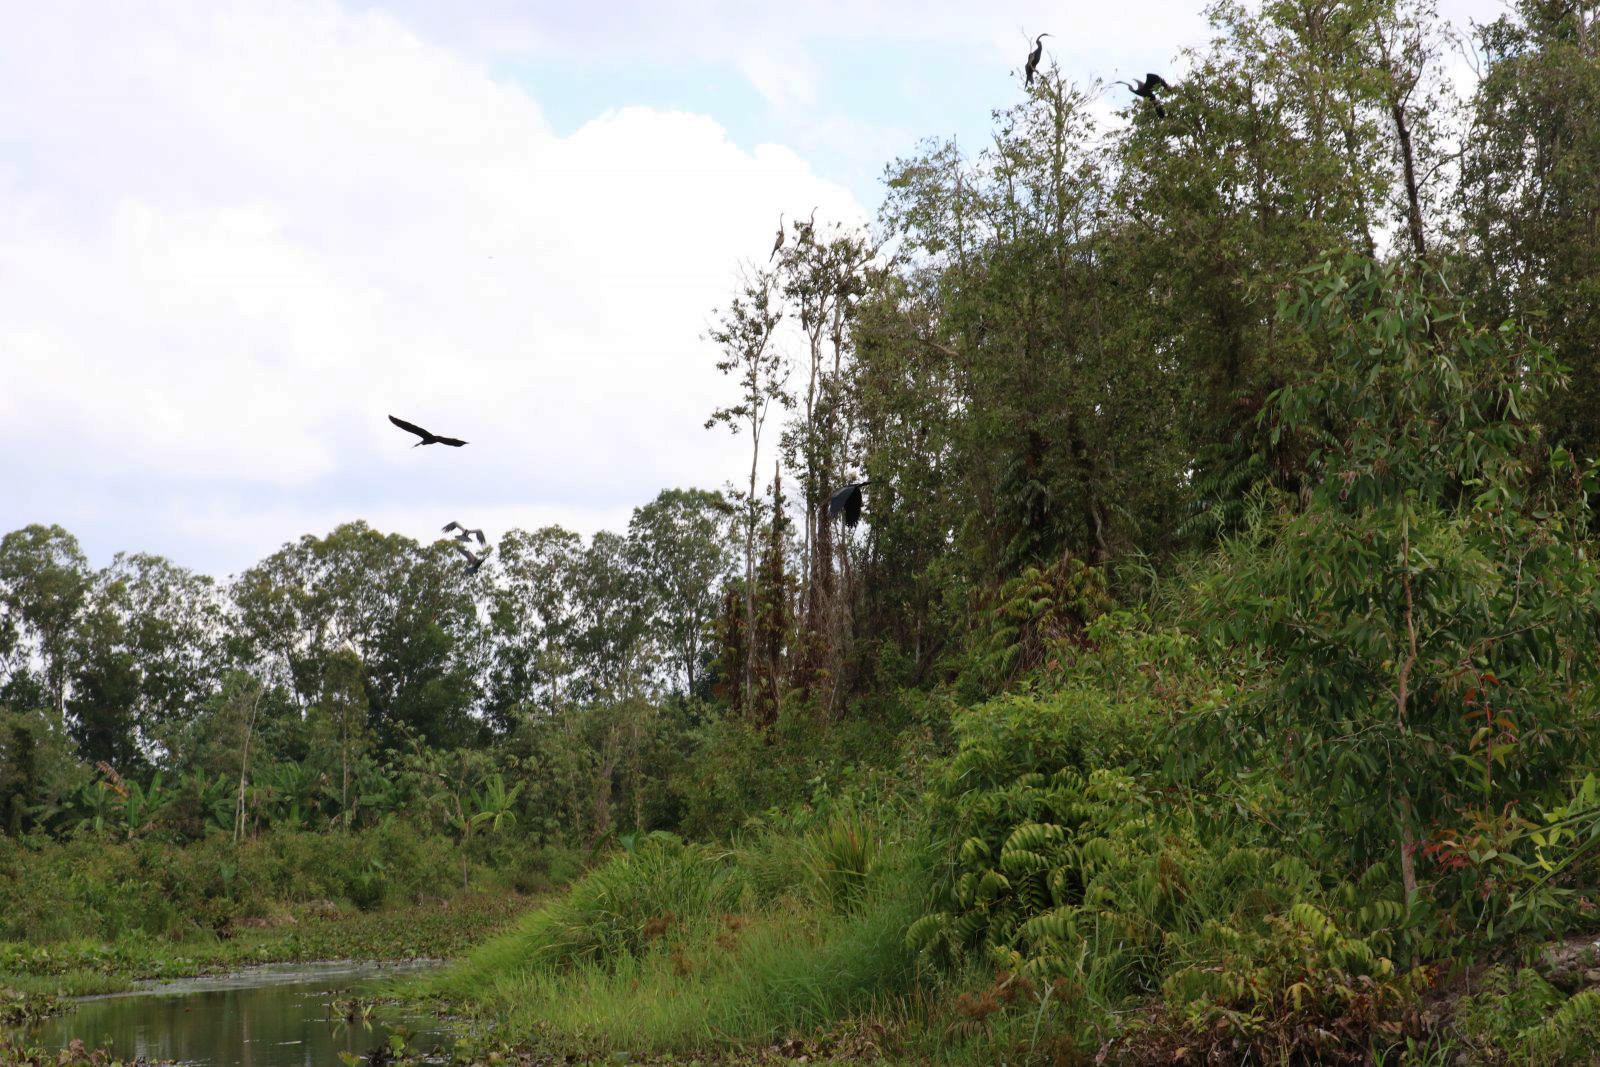 Có hơn 50 loài chim đến sống và sinh sản ở Lung Ngọc Hoàng. Du khách nên đến trước 8 giờ sáng để ngắm nhìn từng đàn chim tỏa nhau đi kiếm ăn.